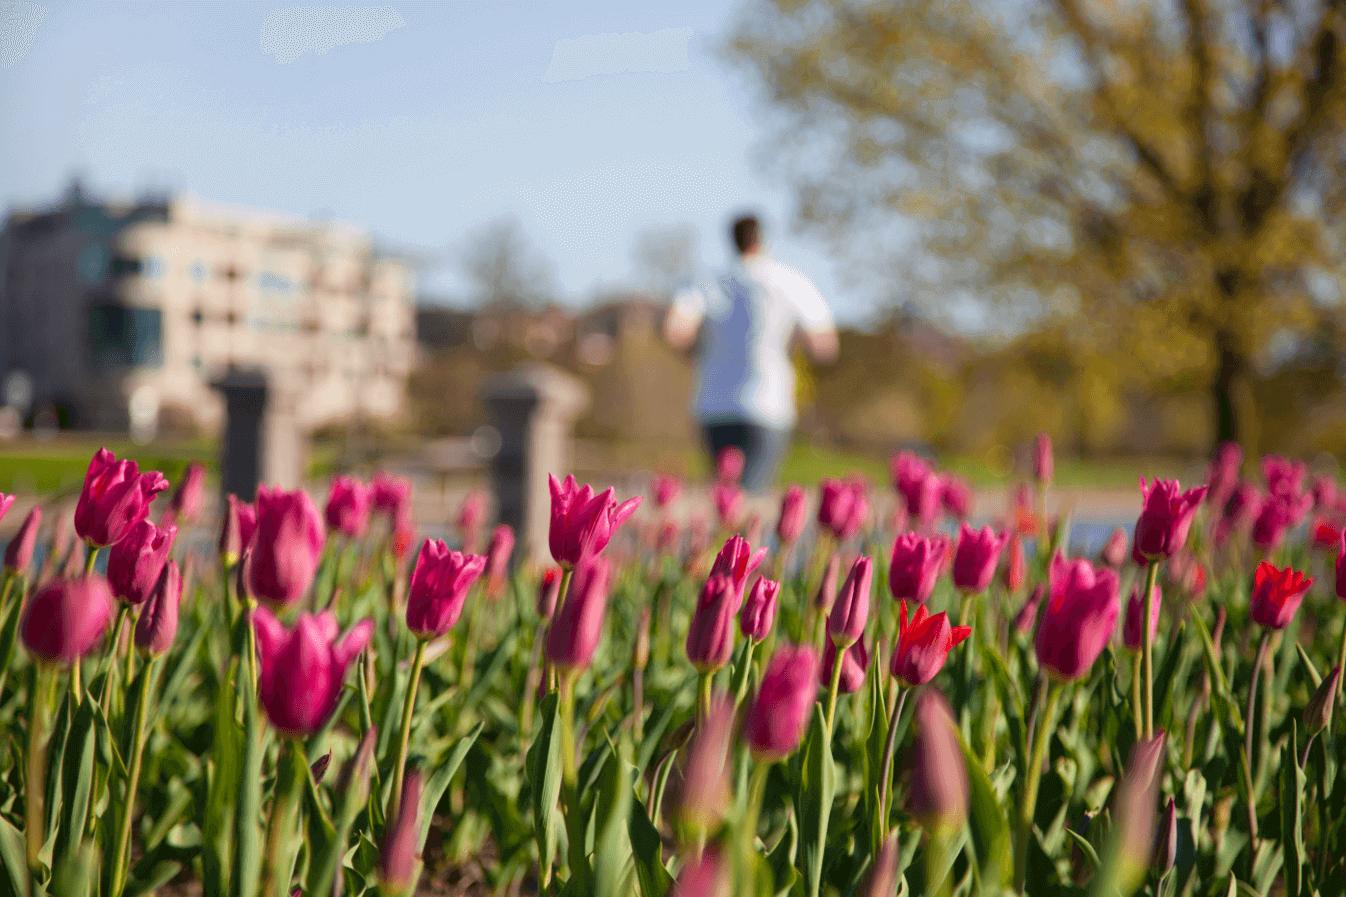 Tulipes rose en avant-plan, arbre, joggeur et bâtiments en arrière-plan